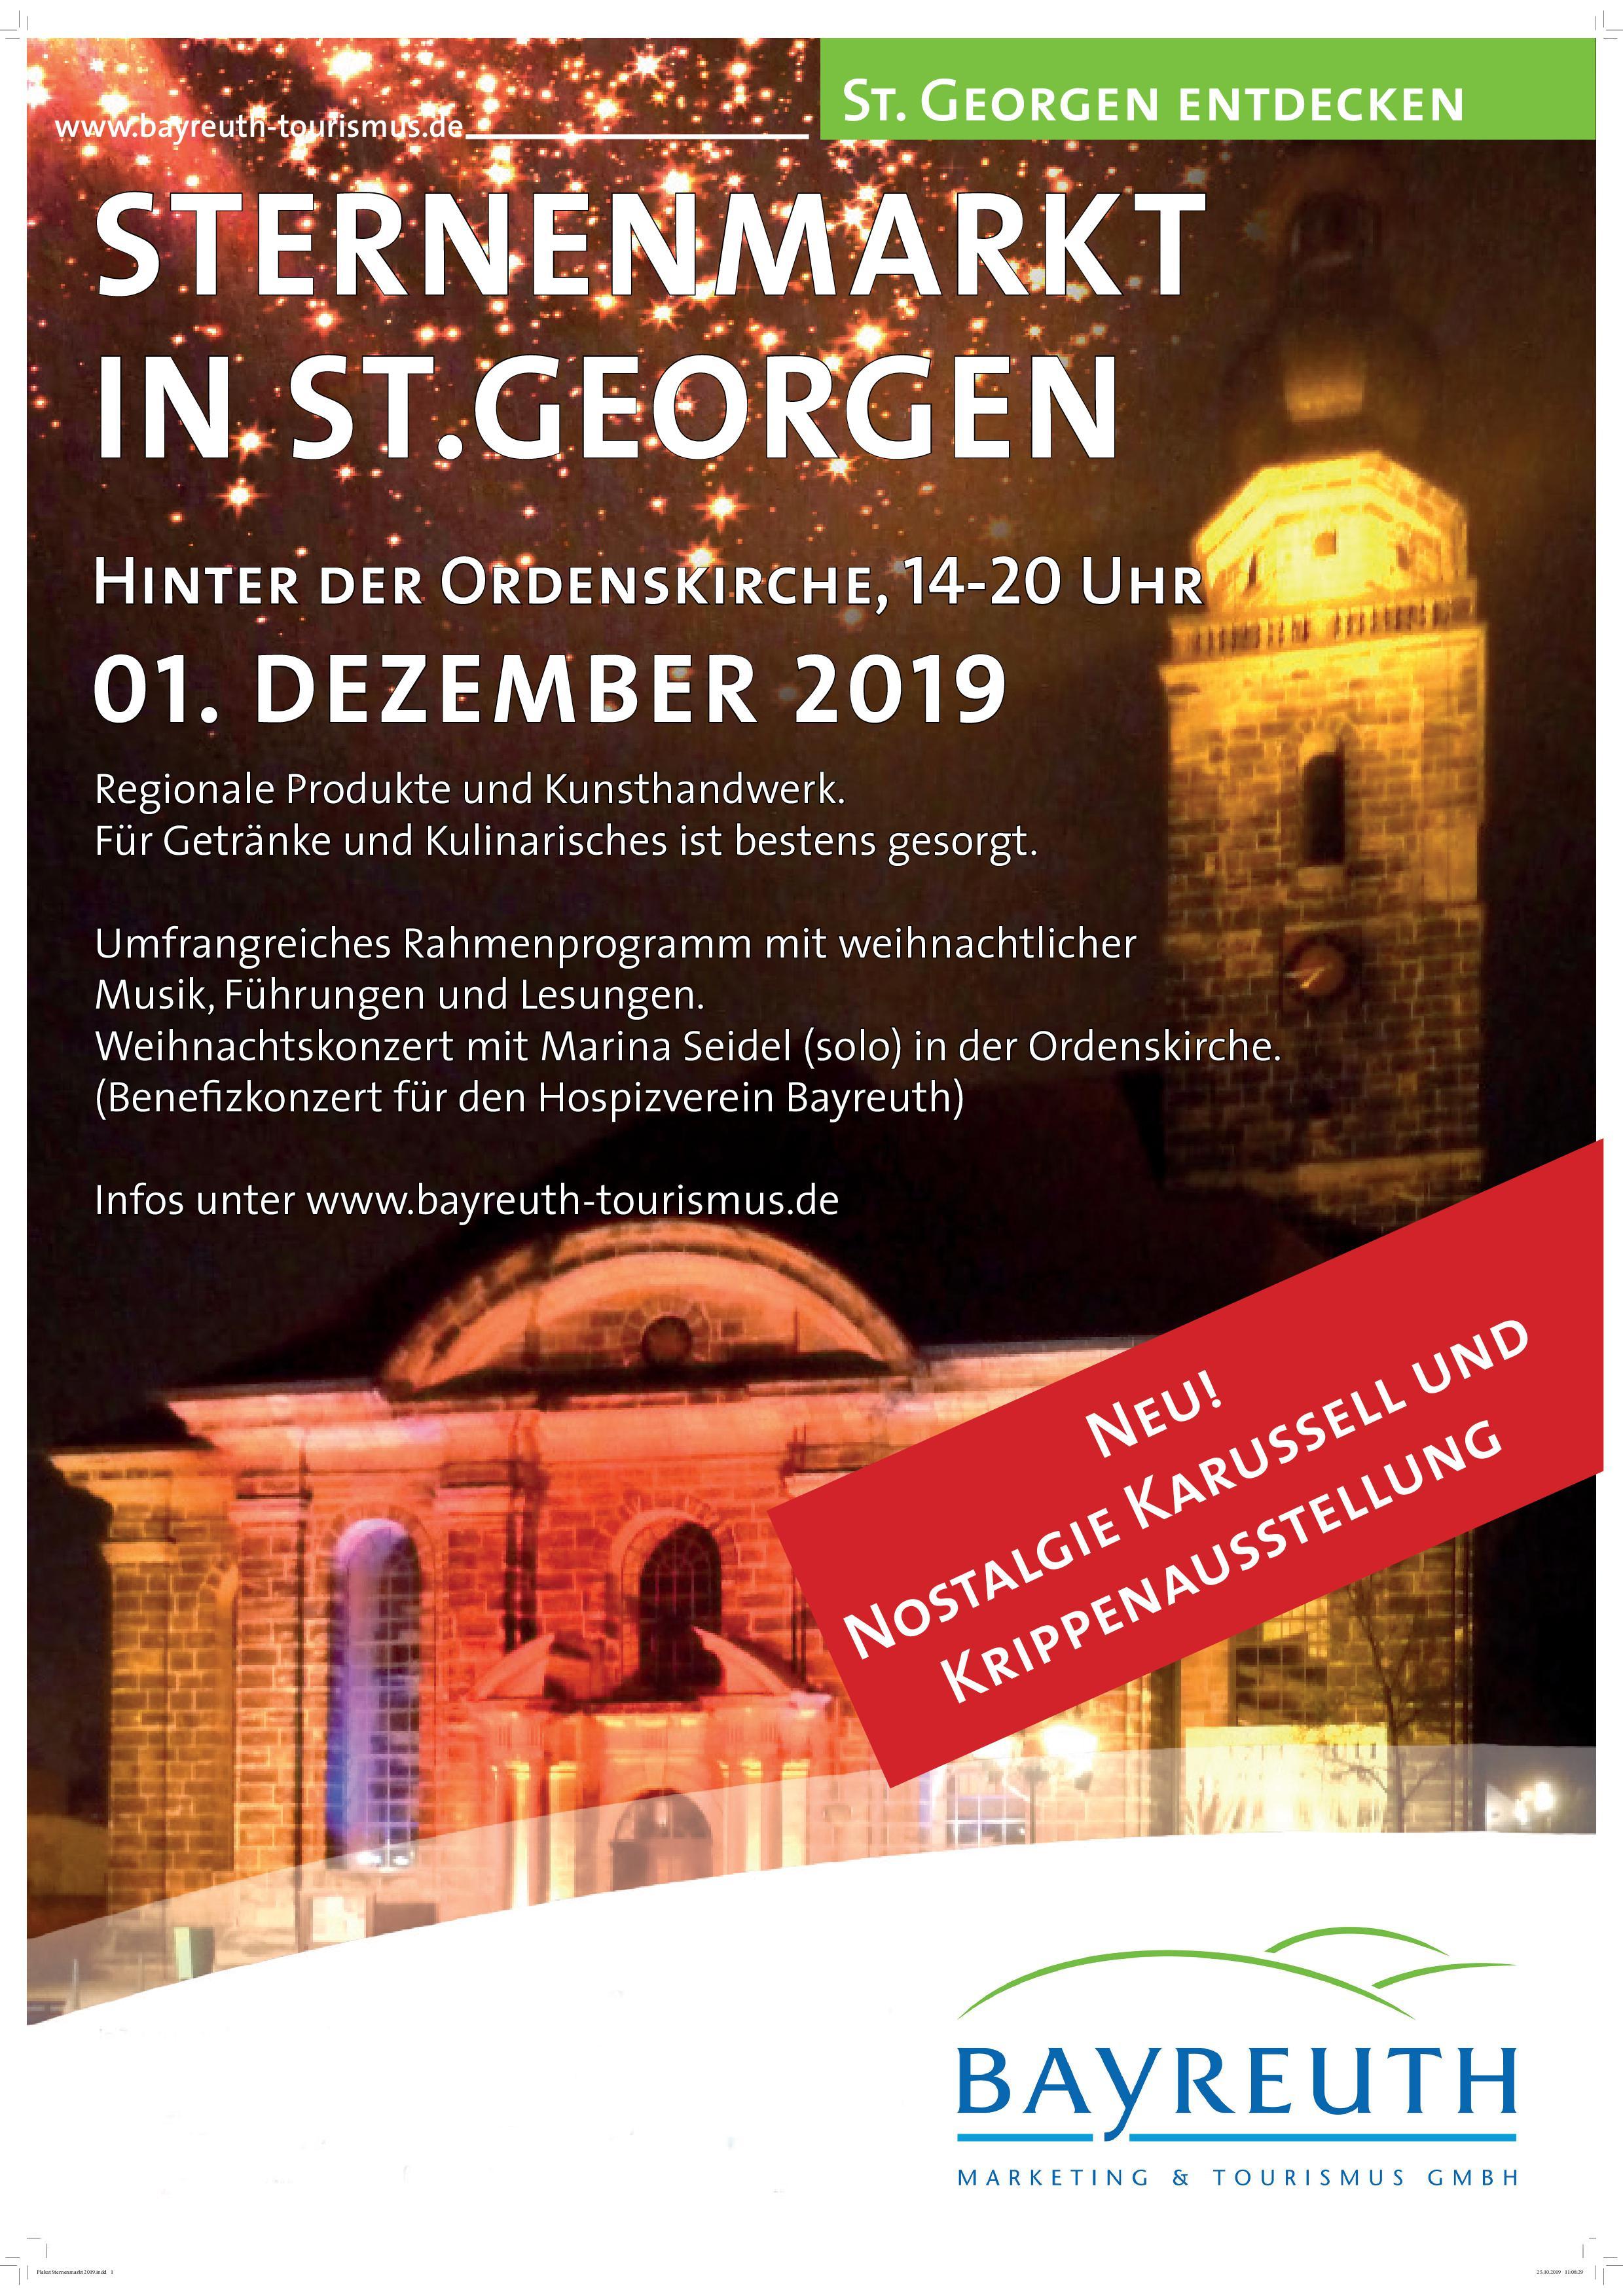 Plakat Sternenmarkt 2019